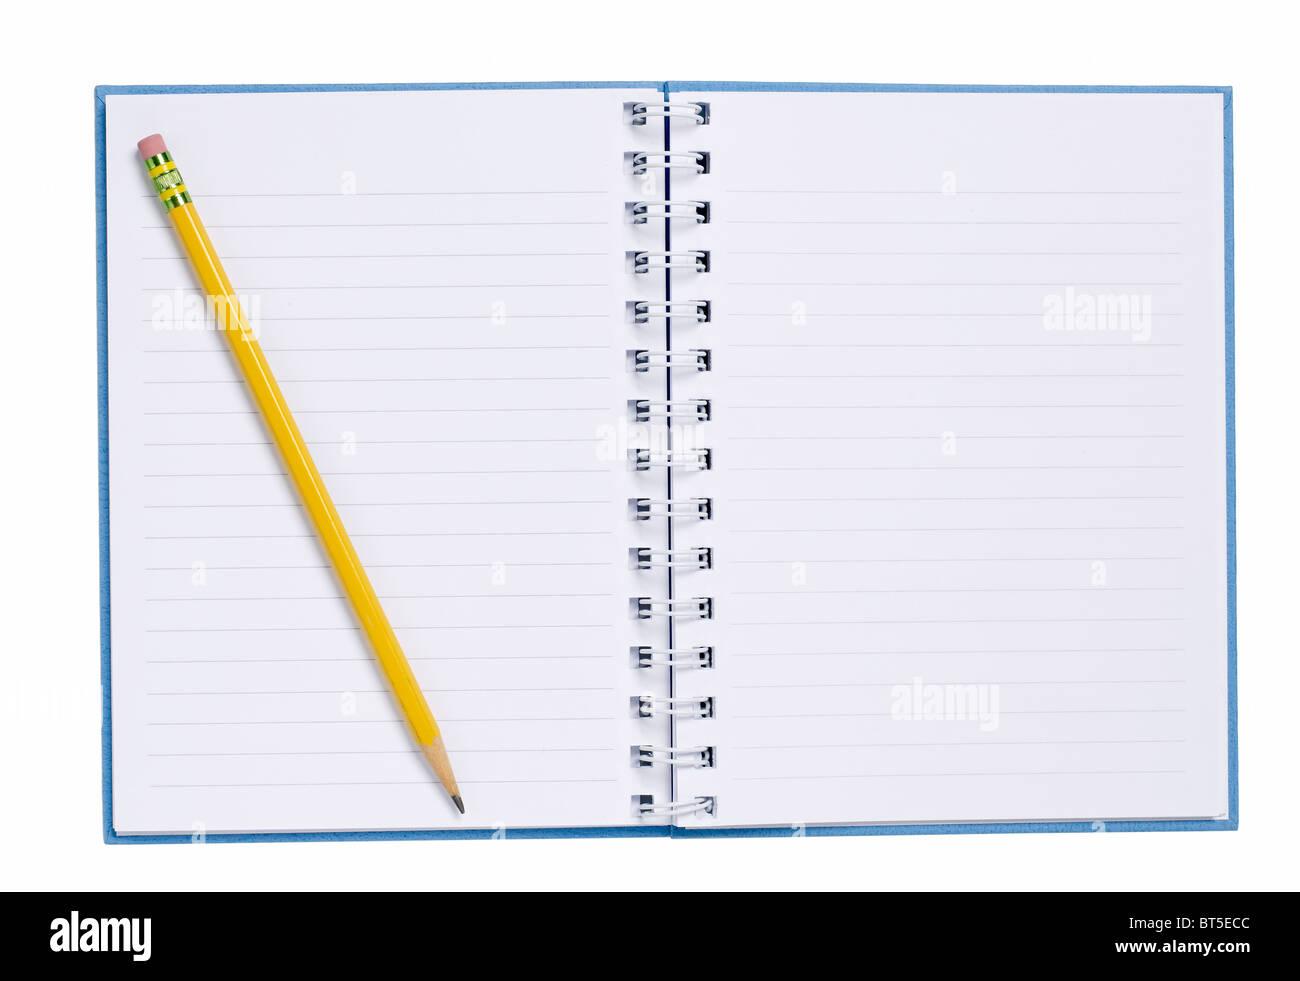 Abrir libro de tapa dura con papel lápiz Imagen De Stock